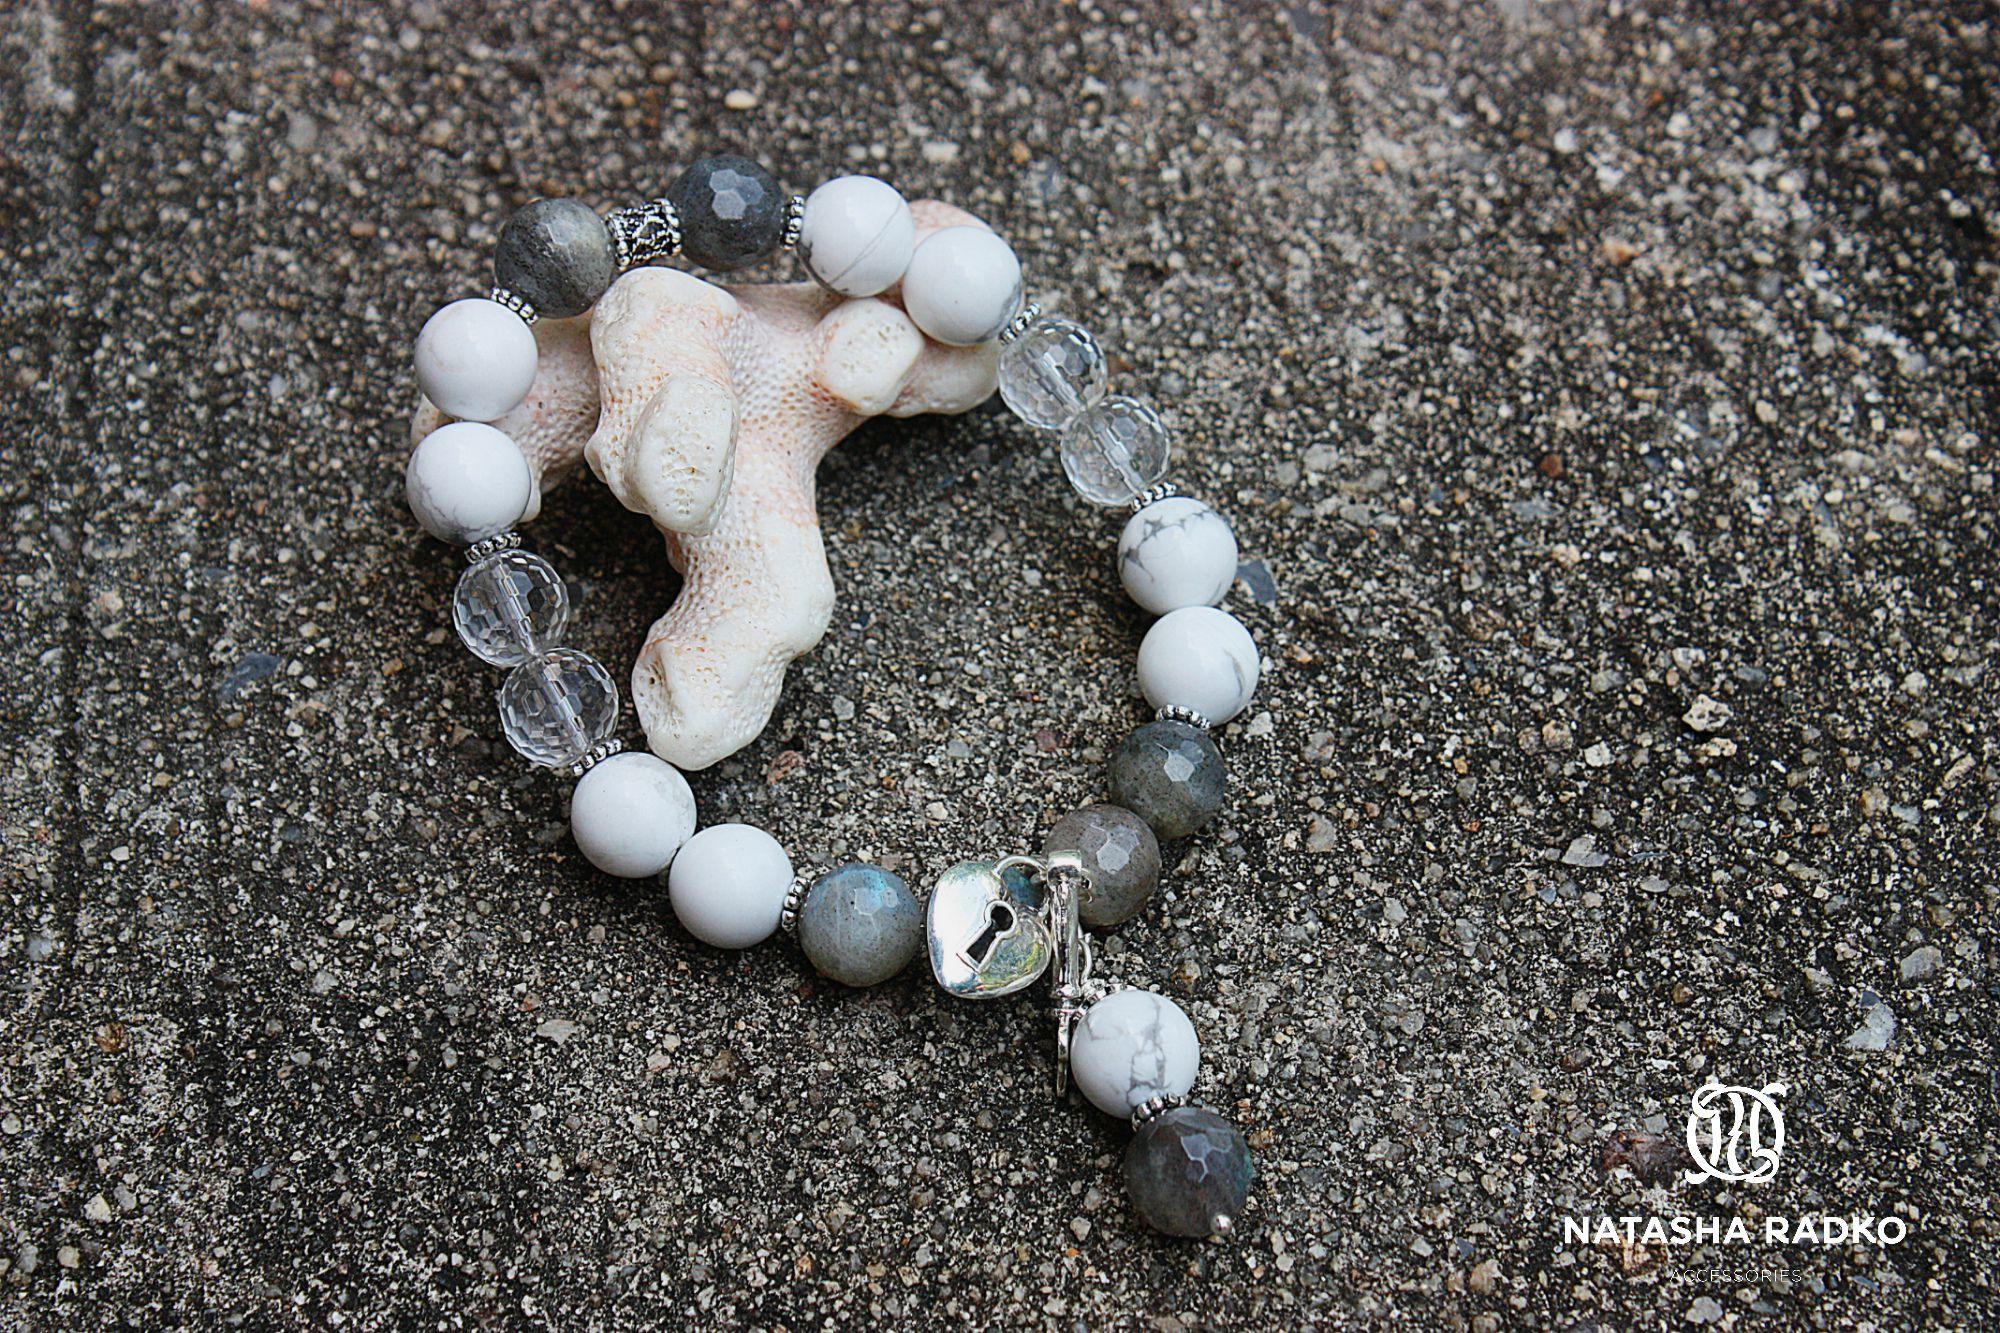 подарок браслет украшение хрусталь горный ахолонг камни лабрадор натуральные